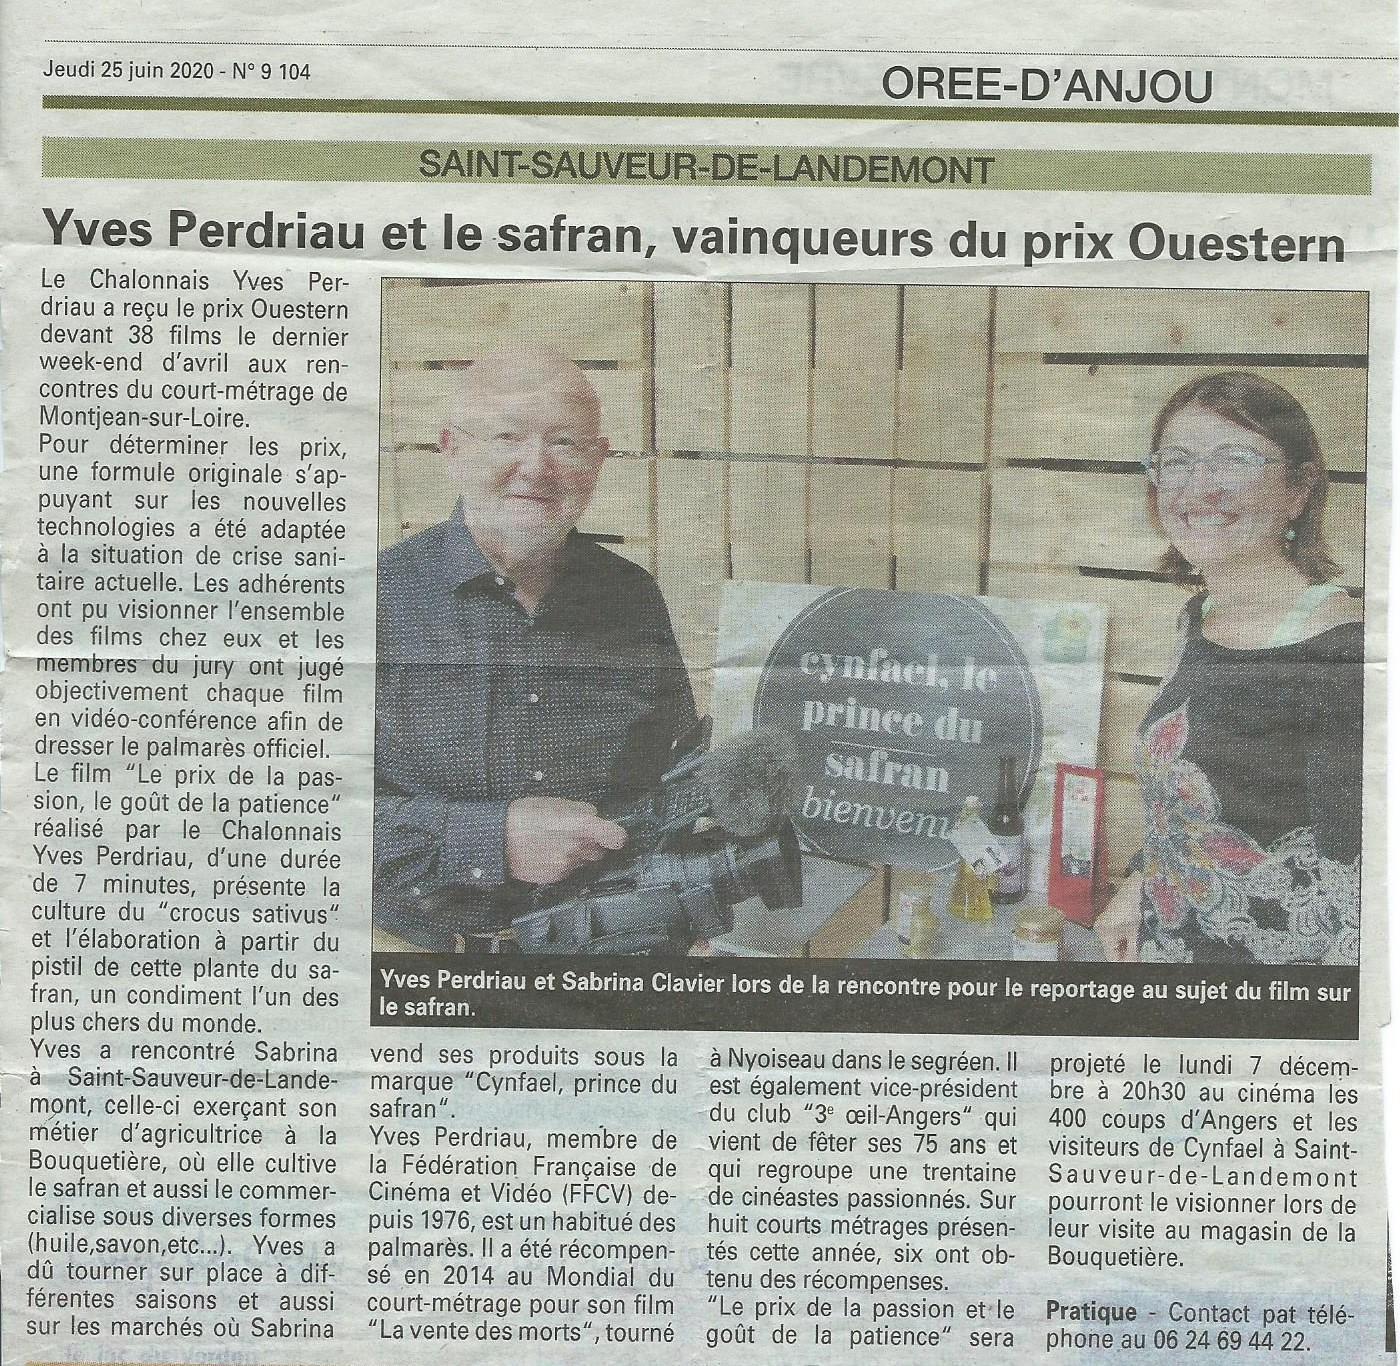 Yves Perdriau et le safran, vainqueurs du prix Ouestern